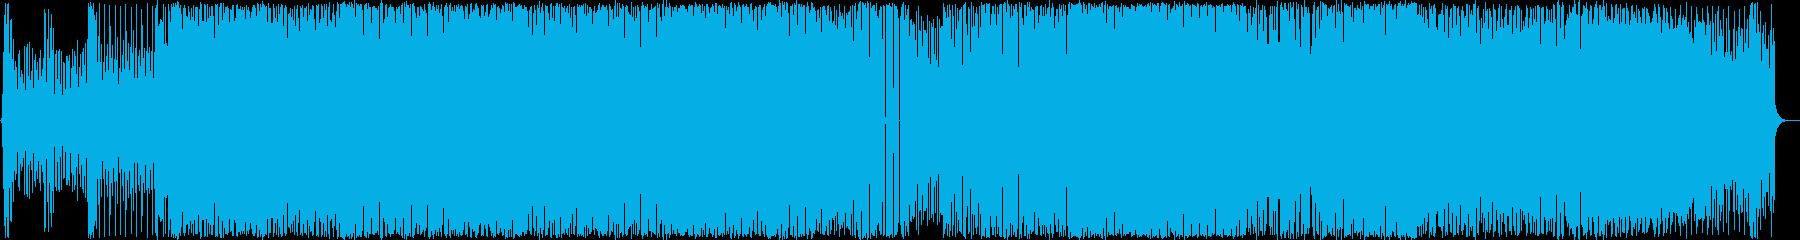 未来感のあるEDMの再生済みの波形